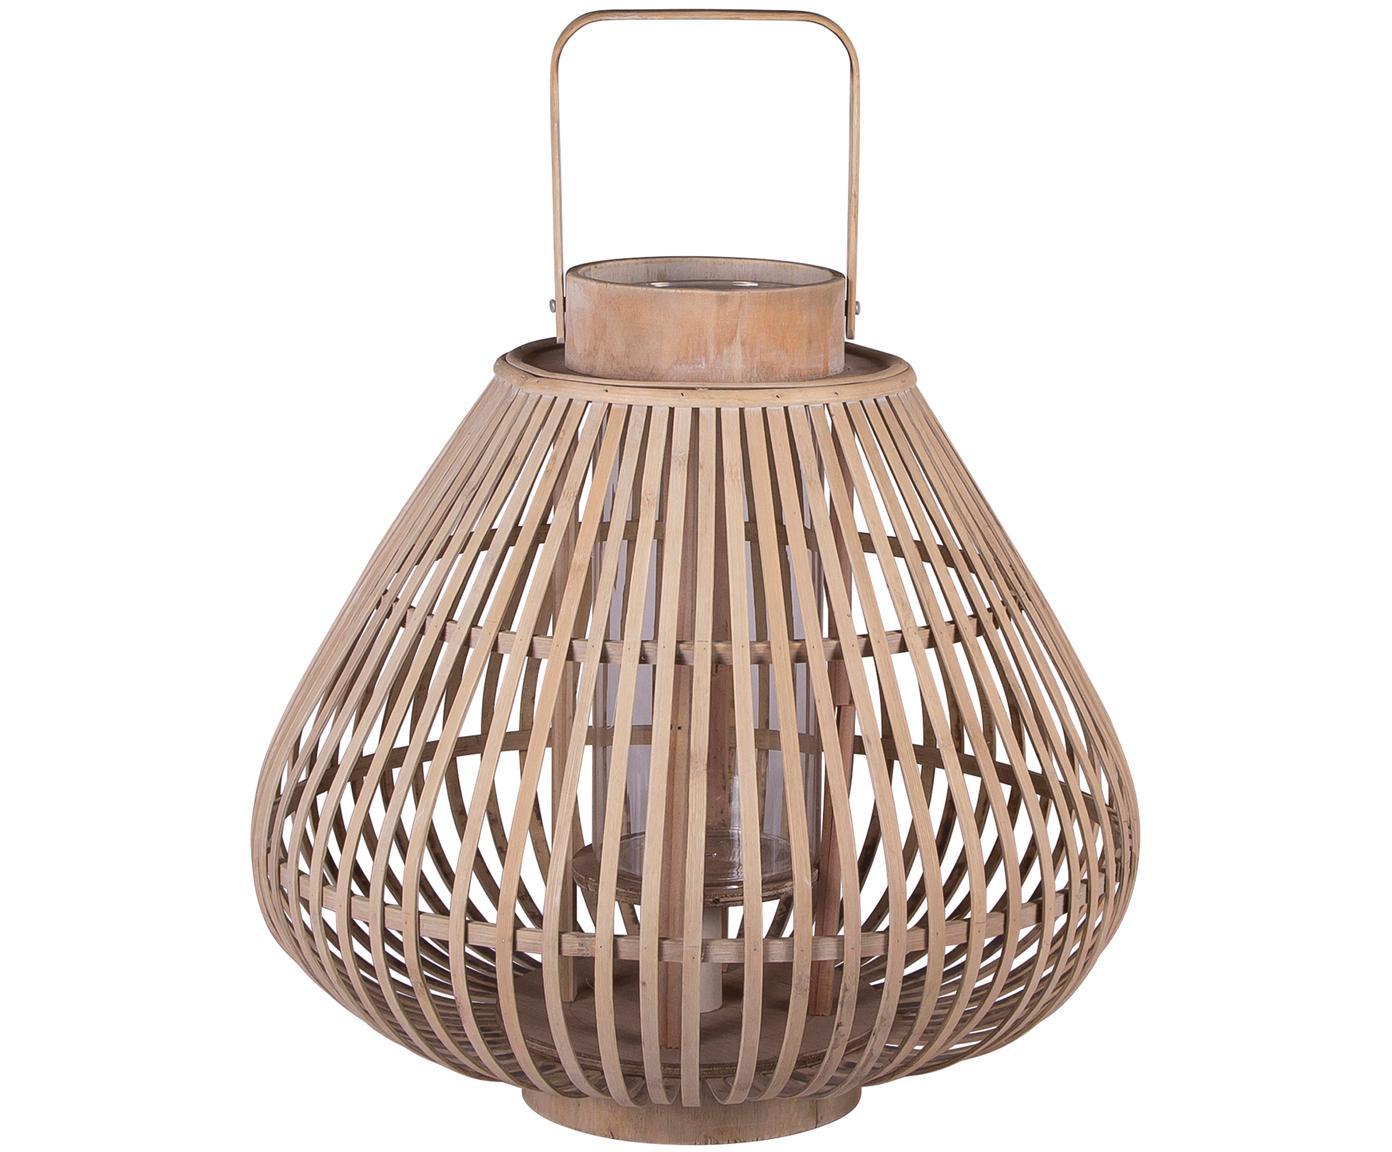 Windlicht Sahara, Gehäuse: Bambus, Holz, Gehäuse: Bambus<br>Glaseinsatz: Transparent, Ø 39 x H 33 cm